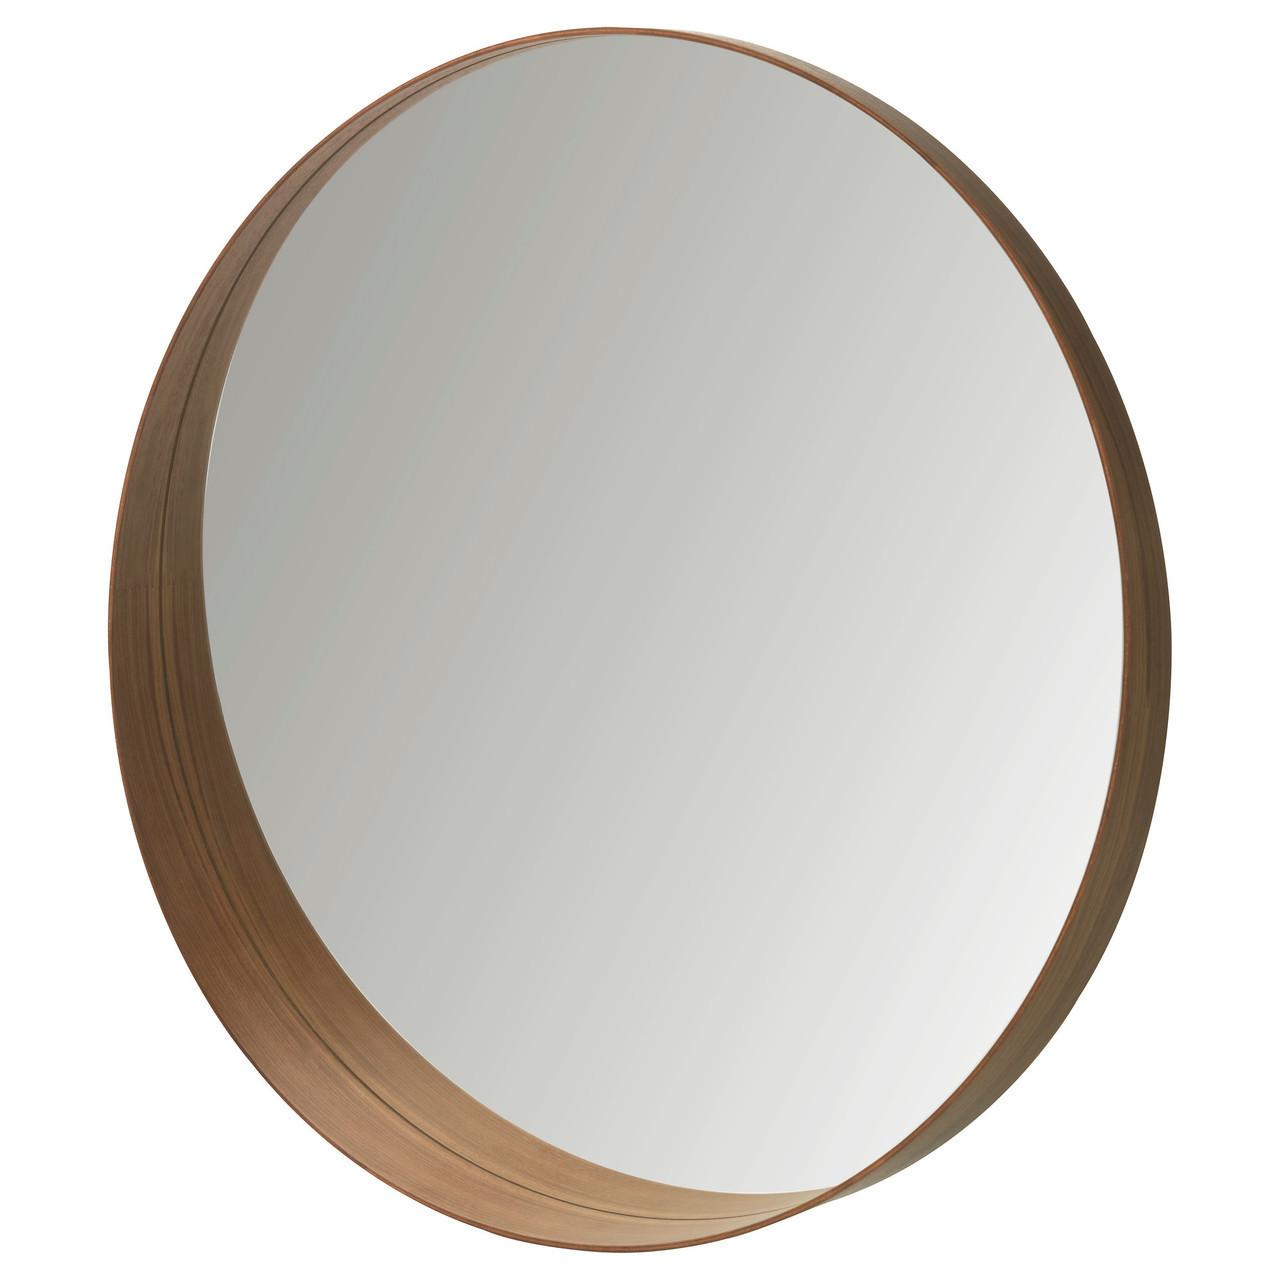 STOCKHOLM Зеркало, шпон грецкого ореха 602.499.60